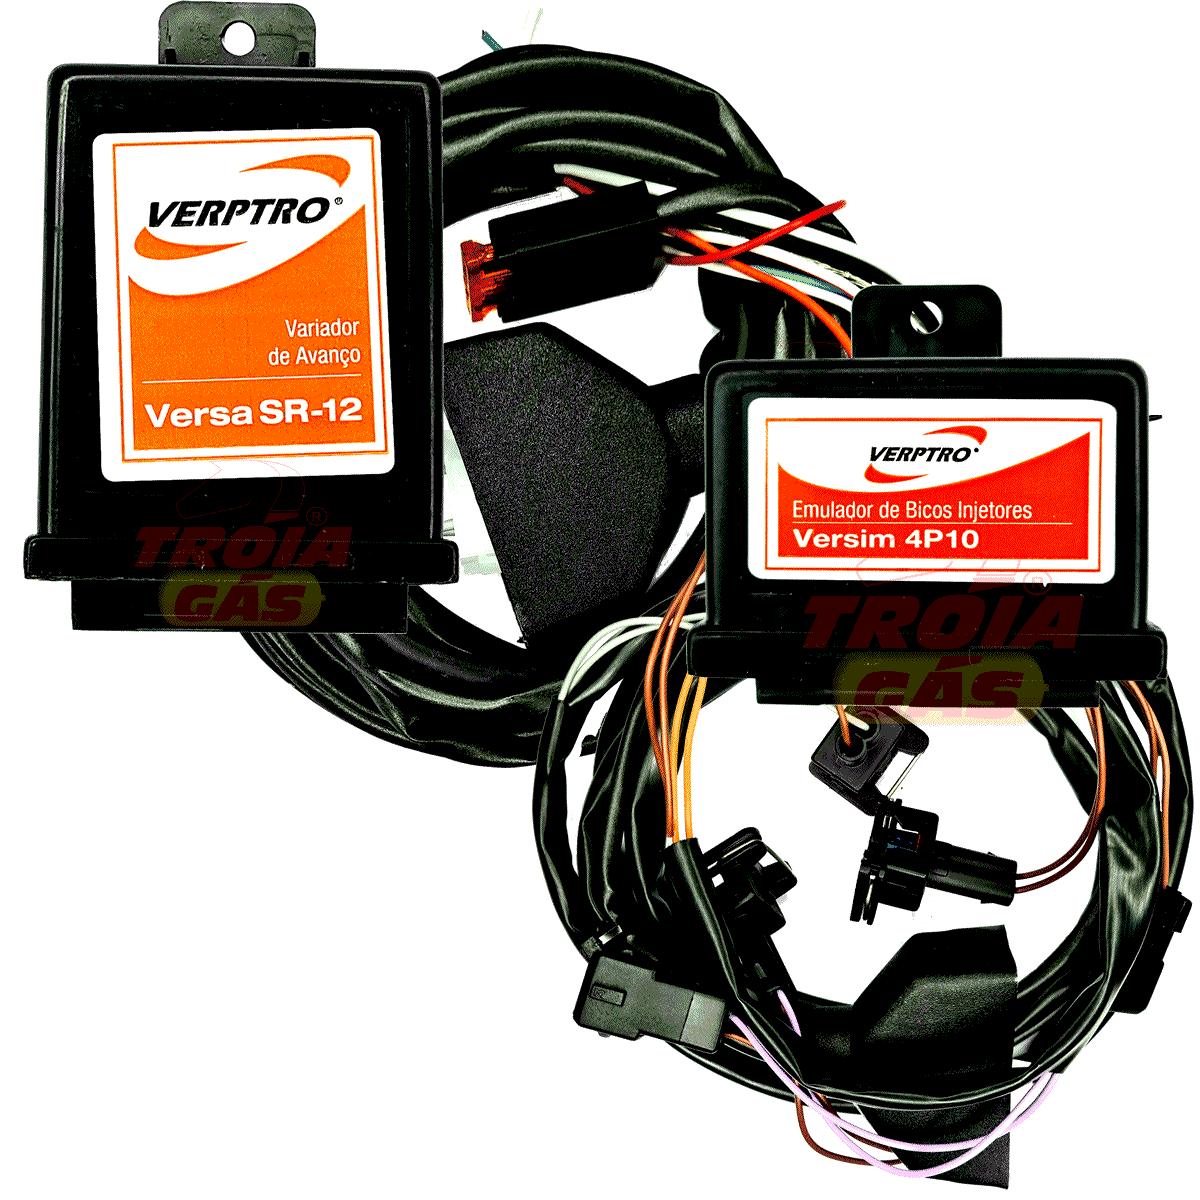 Kit Emulador de 4 Bicos e Variador de Avanço Sensor Hall e Fase Versim4 SR12